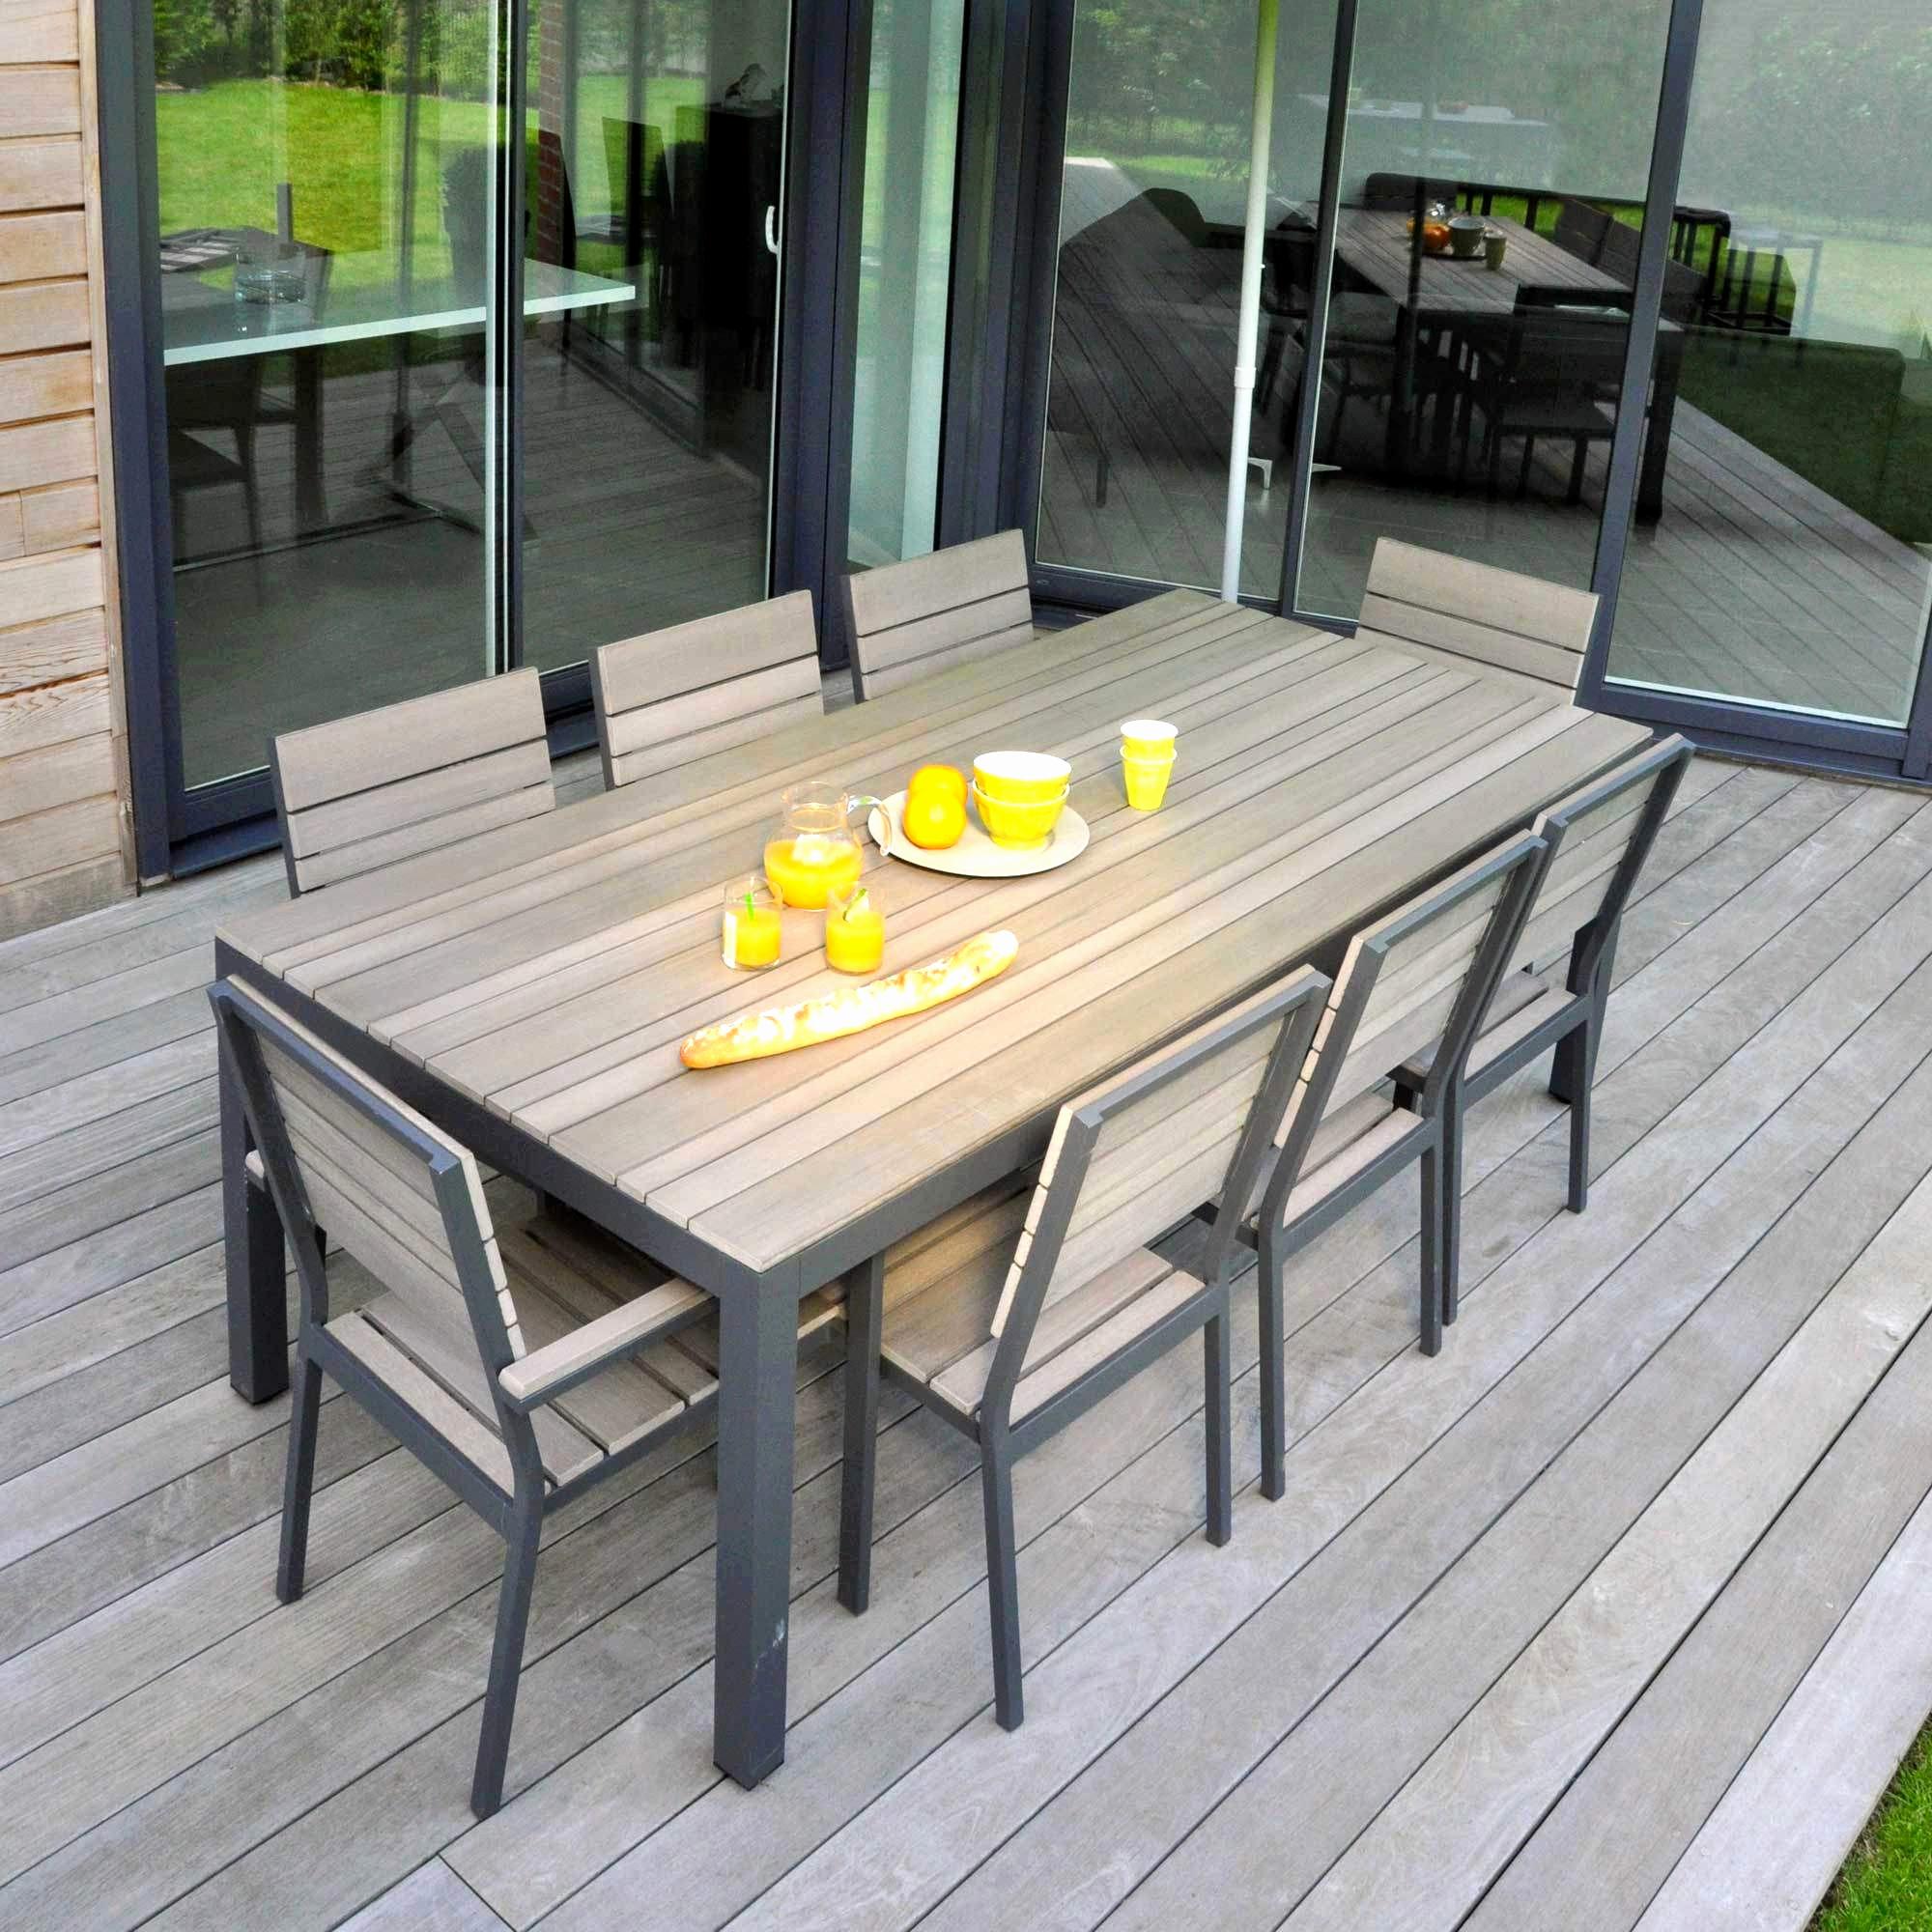 table basse jardin castorama frais beautiful castorama meuble de jardin of table basse jardin castorama